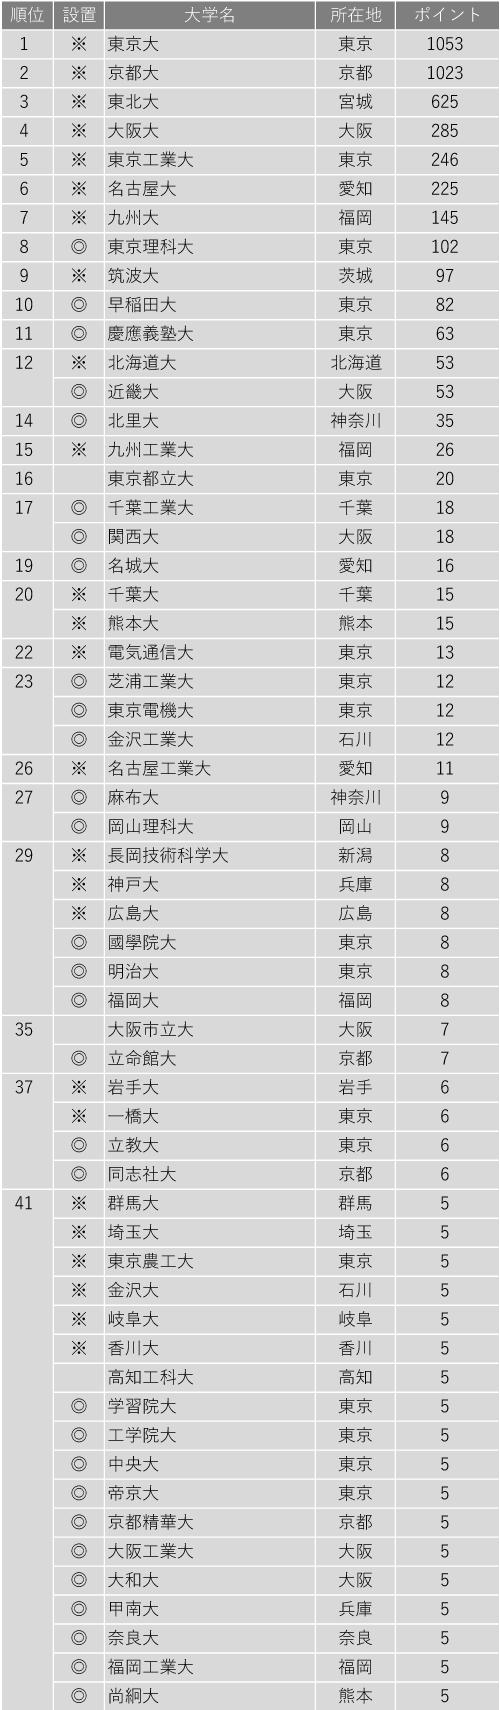 研究力が高い大学ランキング2020(全国編)